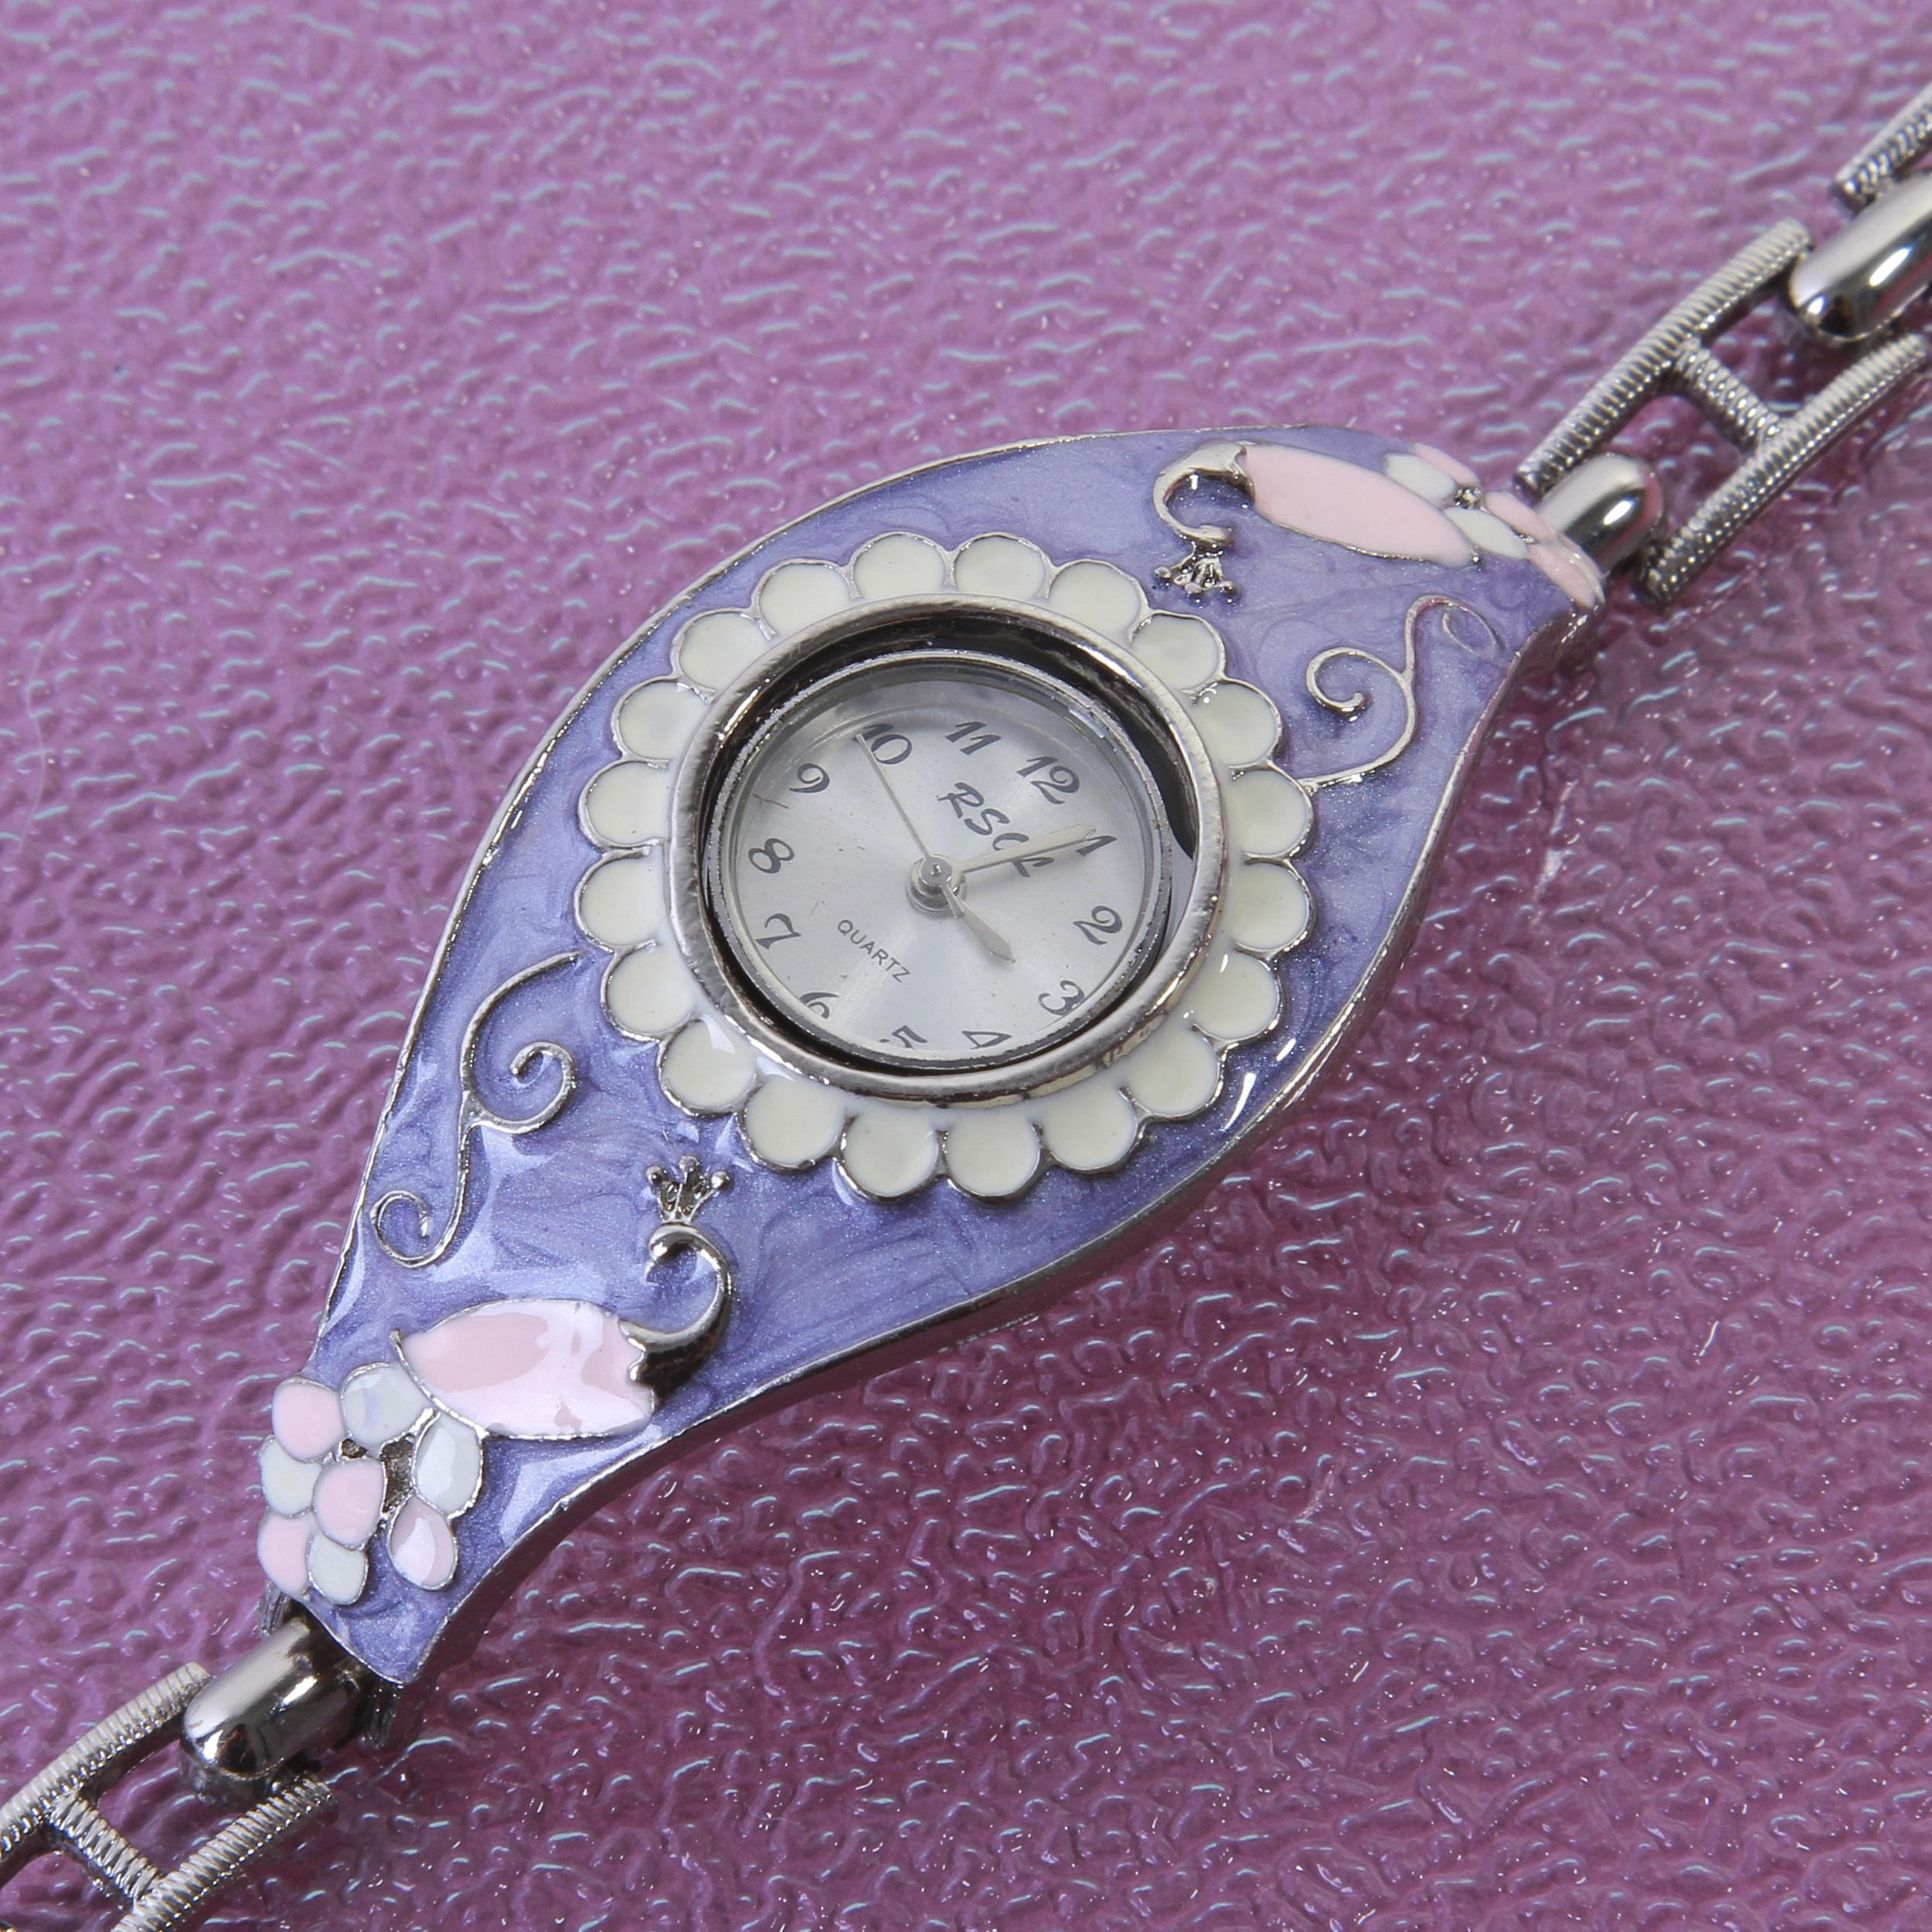 ساعت مچی عقربه ای زنانه کد WHW-167              ارزان